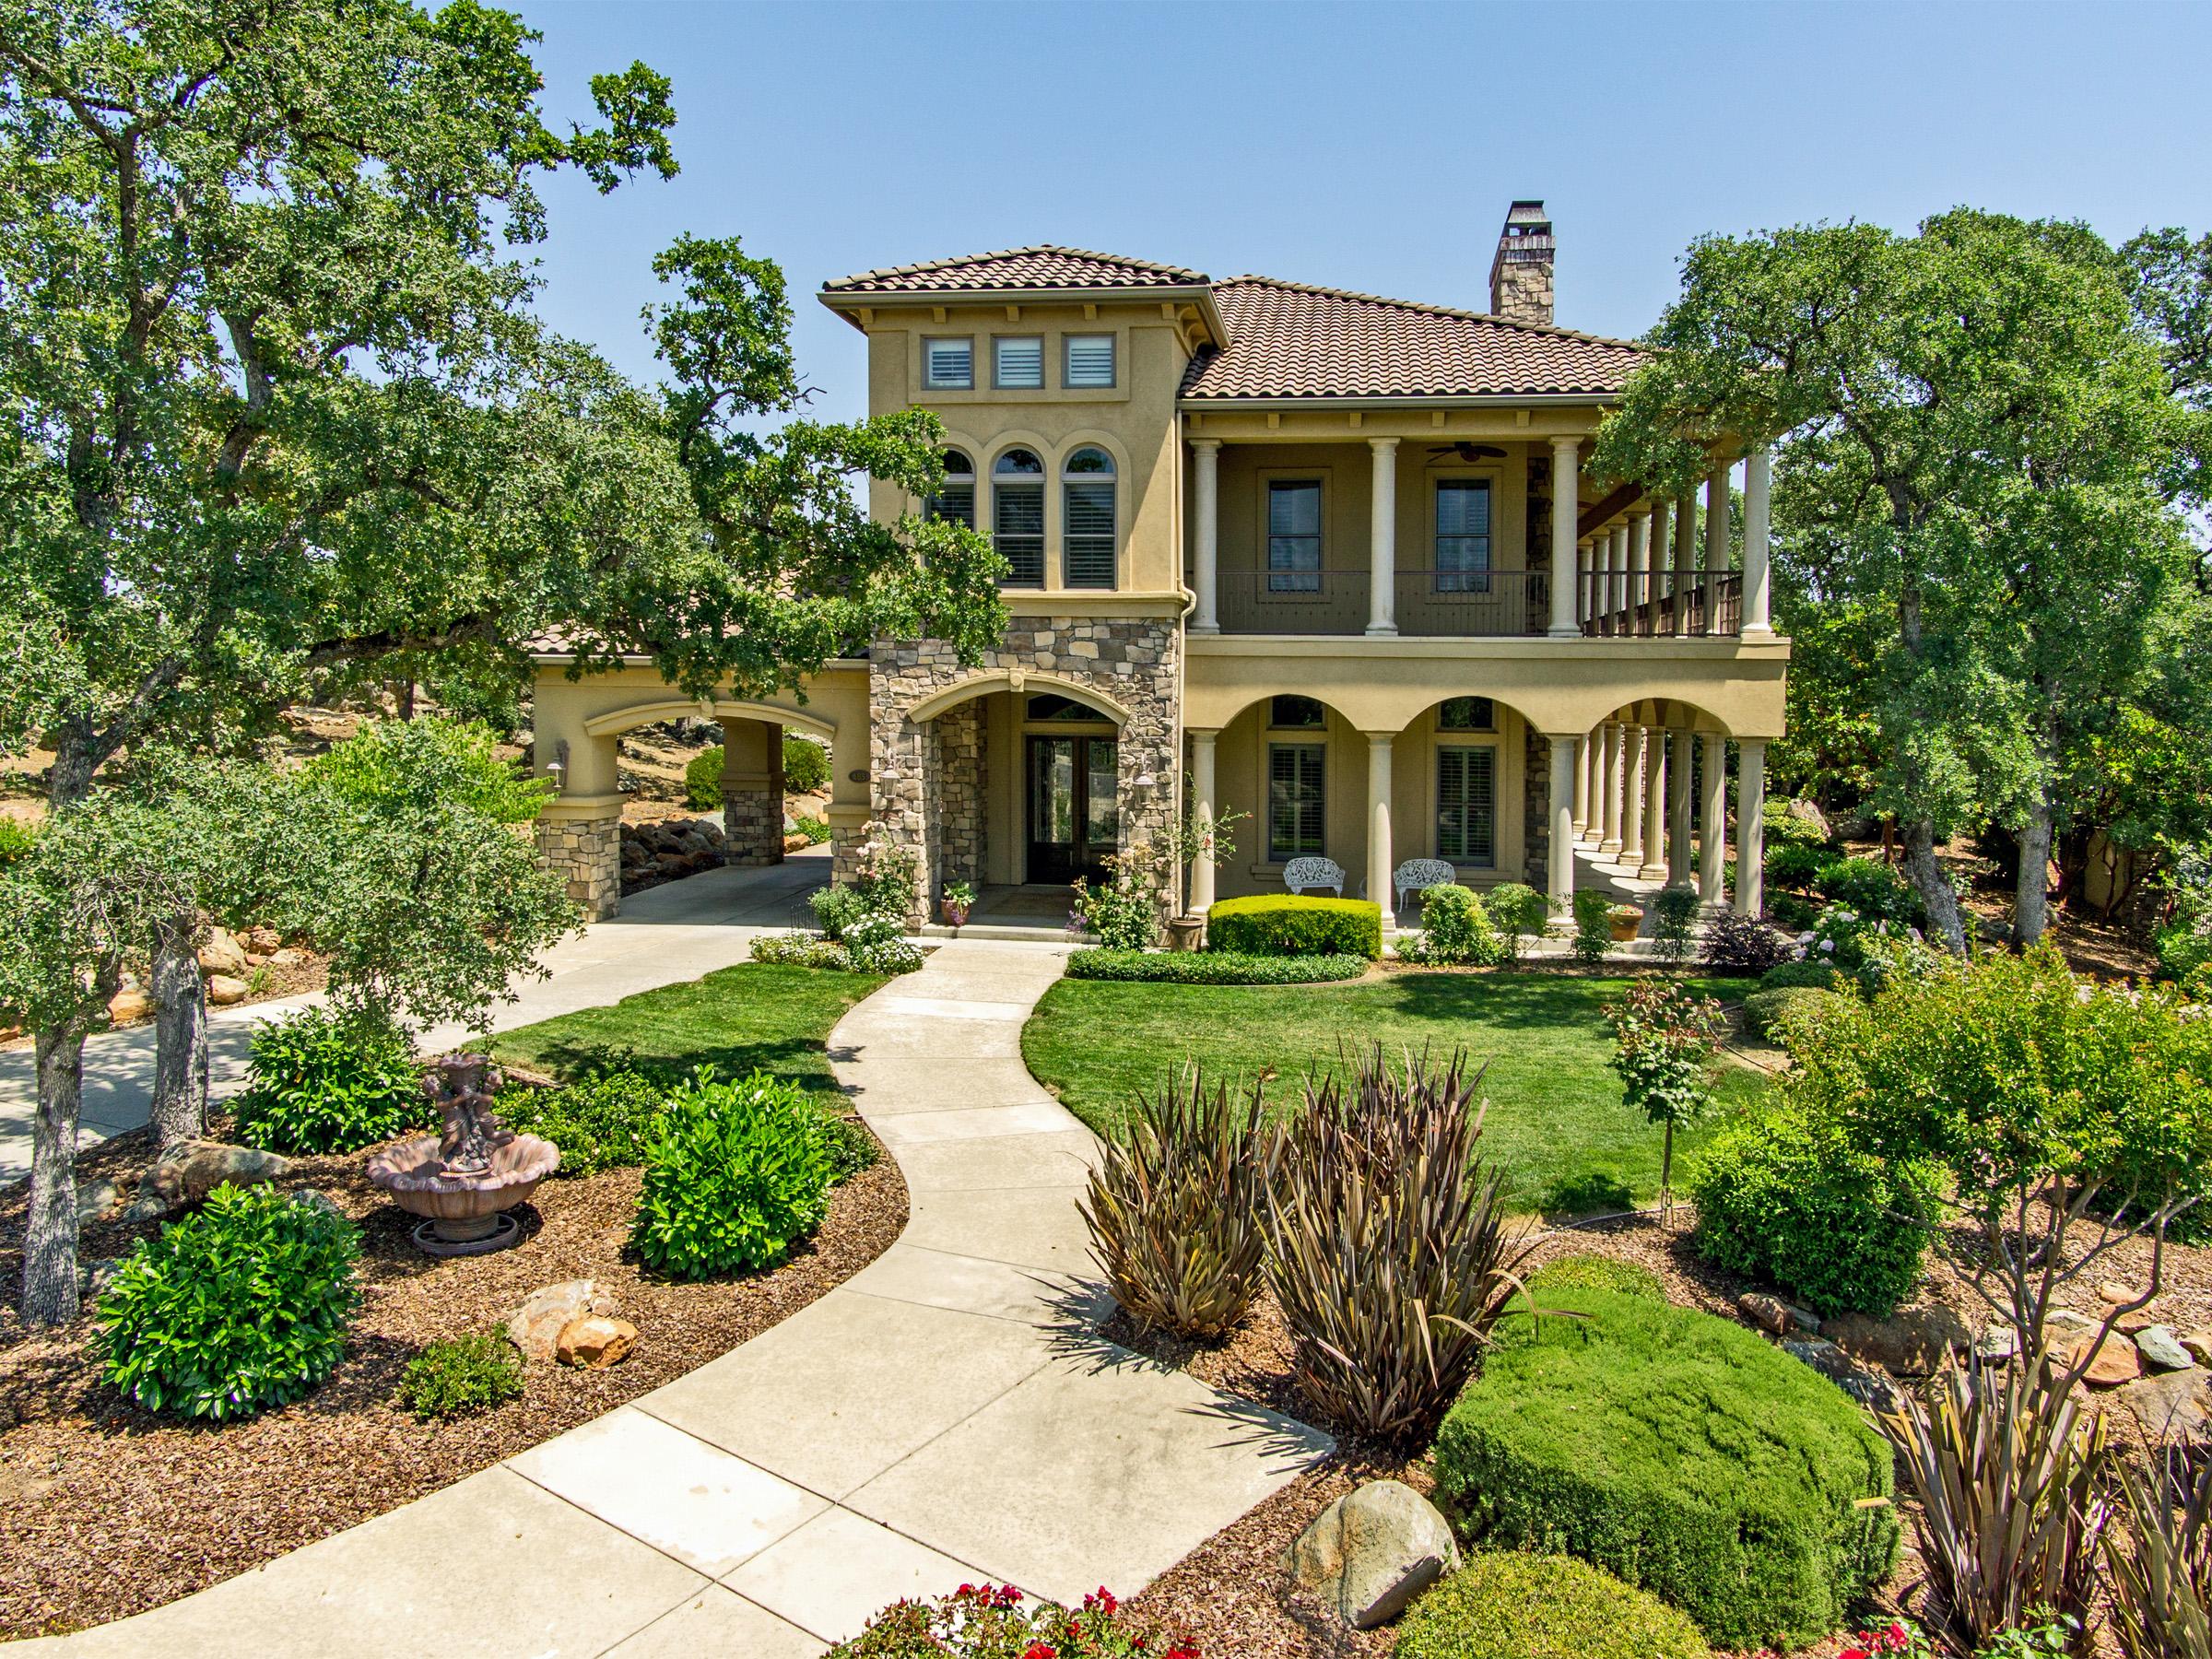 Casa Unifamiliar por un Venta en 185 Powers Dr, El Dorado Hills, CA 95762 El Dorado Hills, California 95762 Estados Unidos